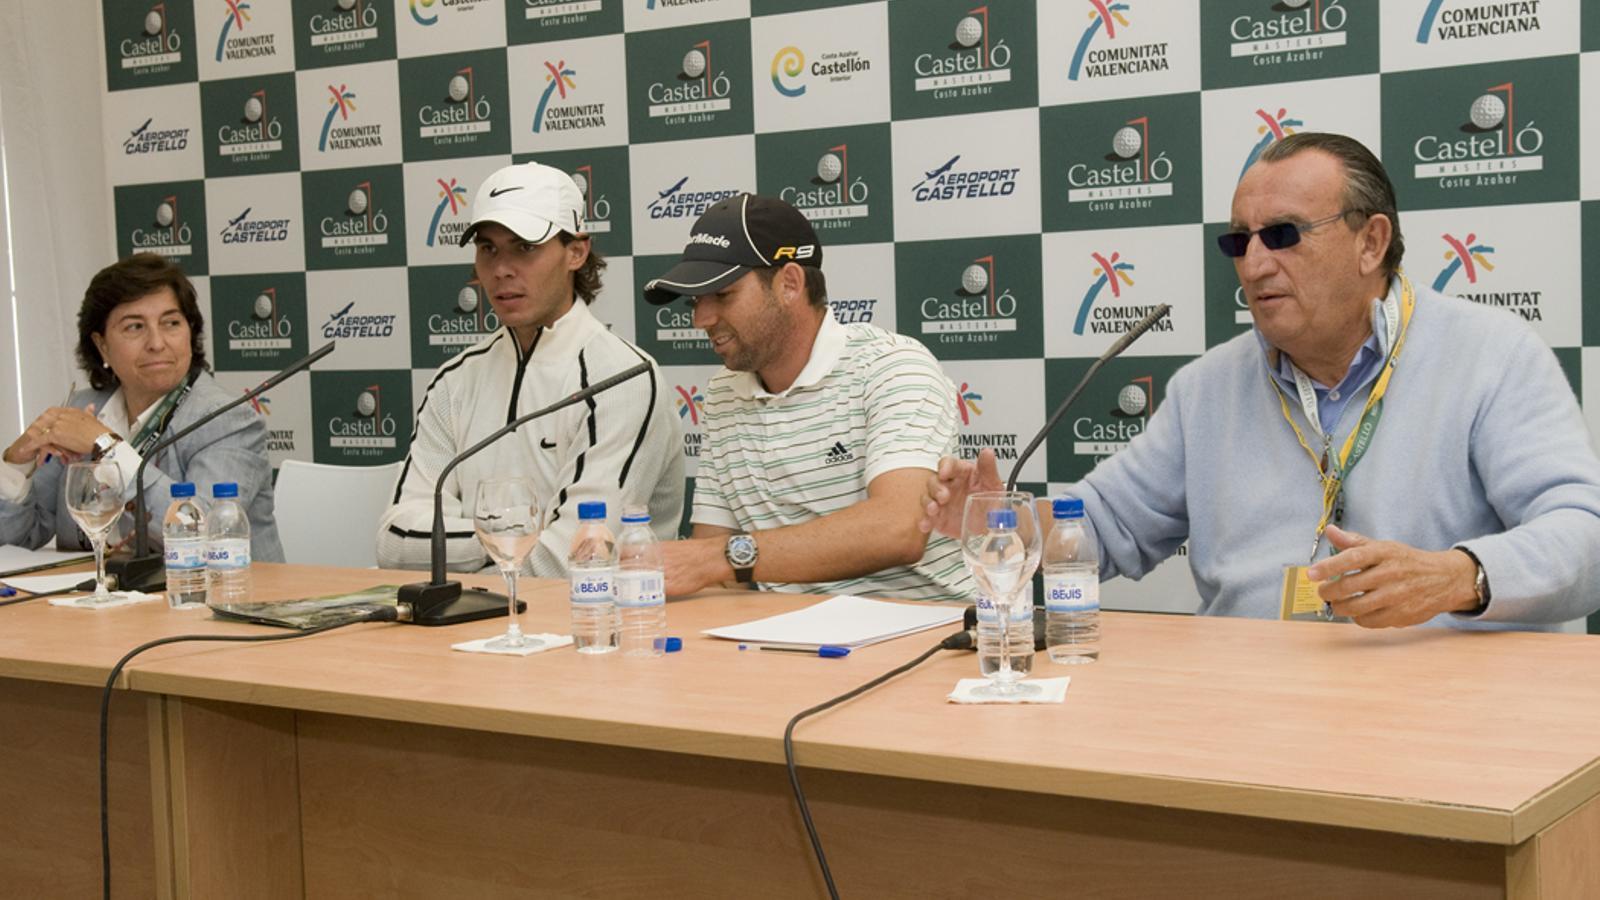 El llavors president de la Diputació de Castelló, Carlos Fabra, junt al golfista Sergio García i el tenista Rafa Nadal en la presentació del torneig Golf Costa Azahar de 2009.